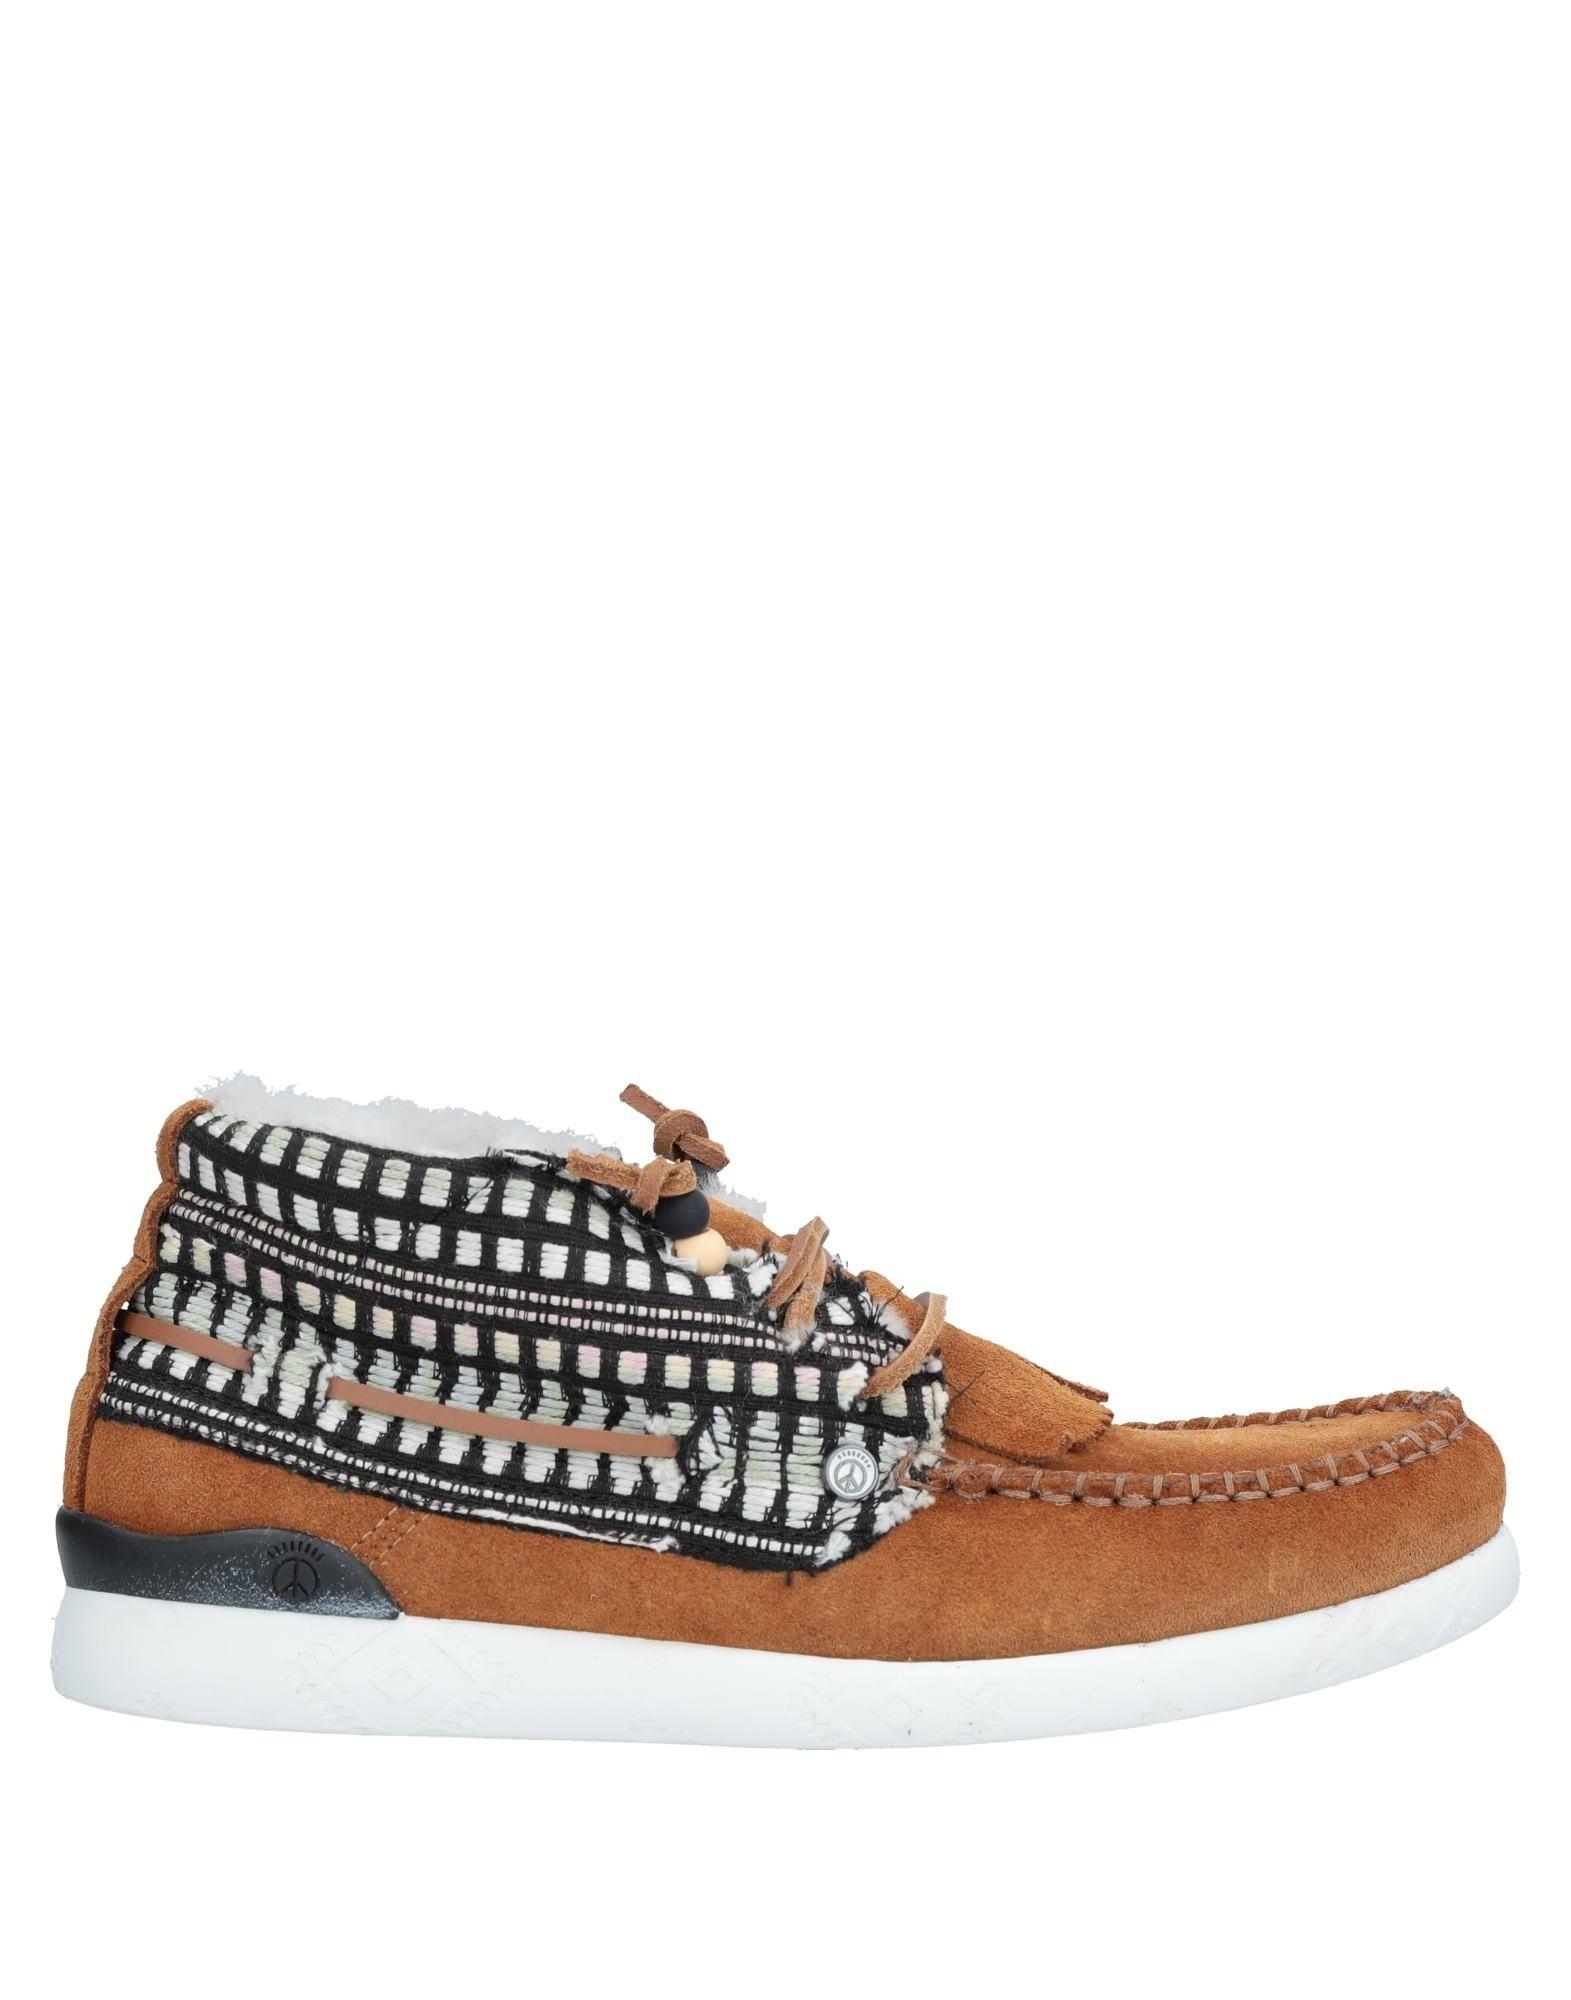 Dolfie Stiefelette Damen  11527945IQ 11527945IQ 11527945IQ Gute Qualität beliebte Schuhe 569859